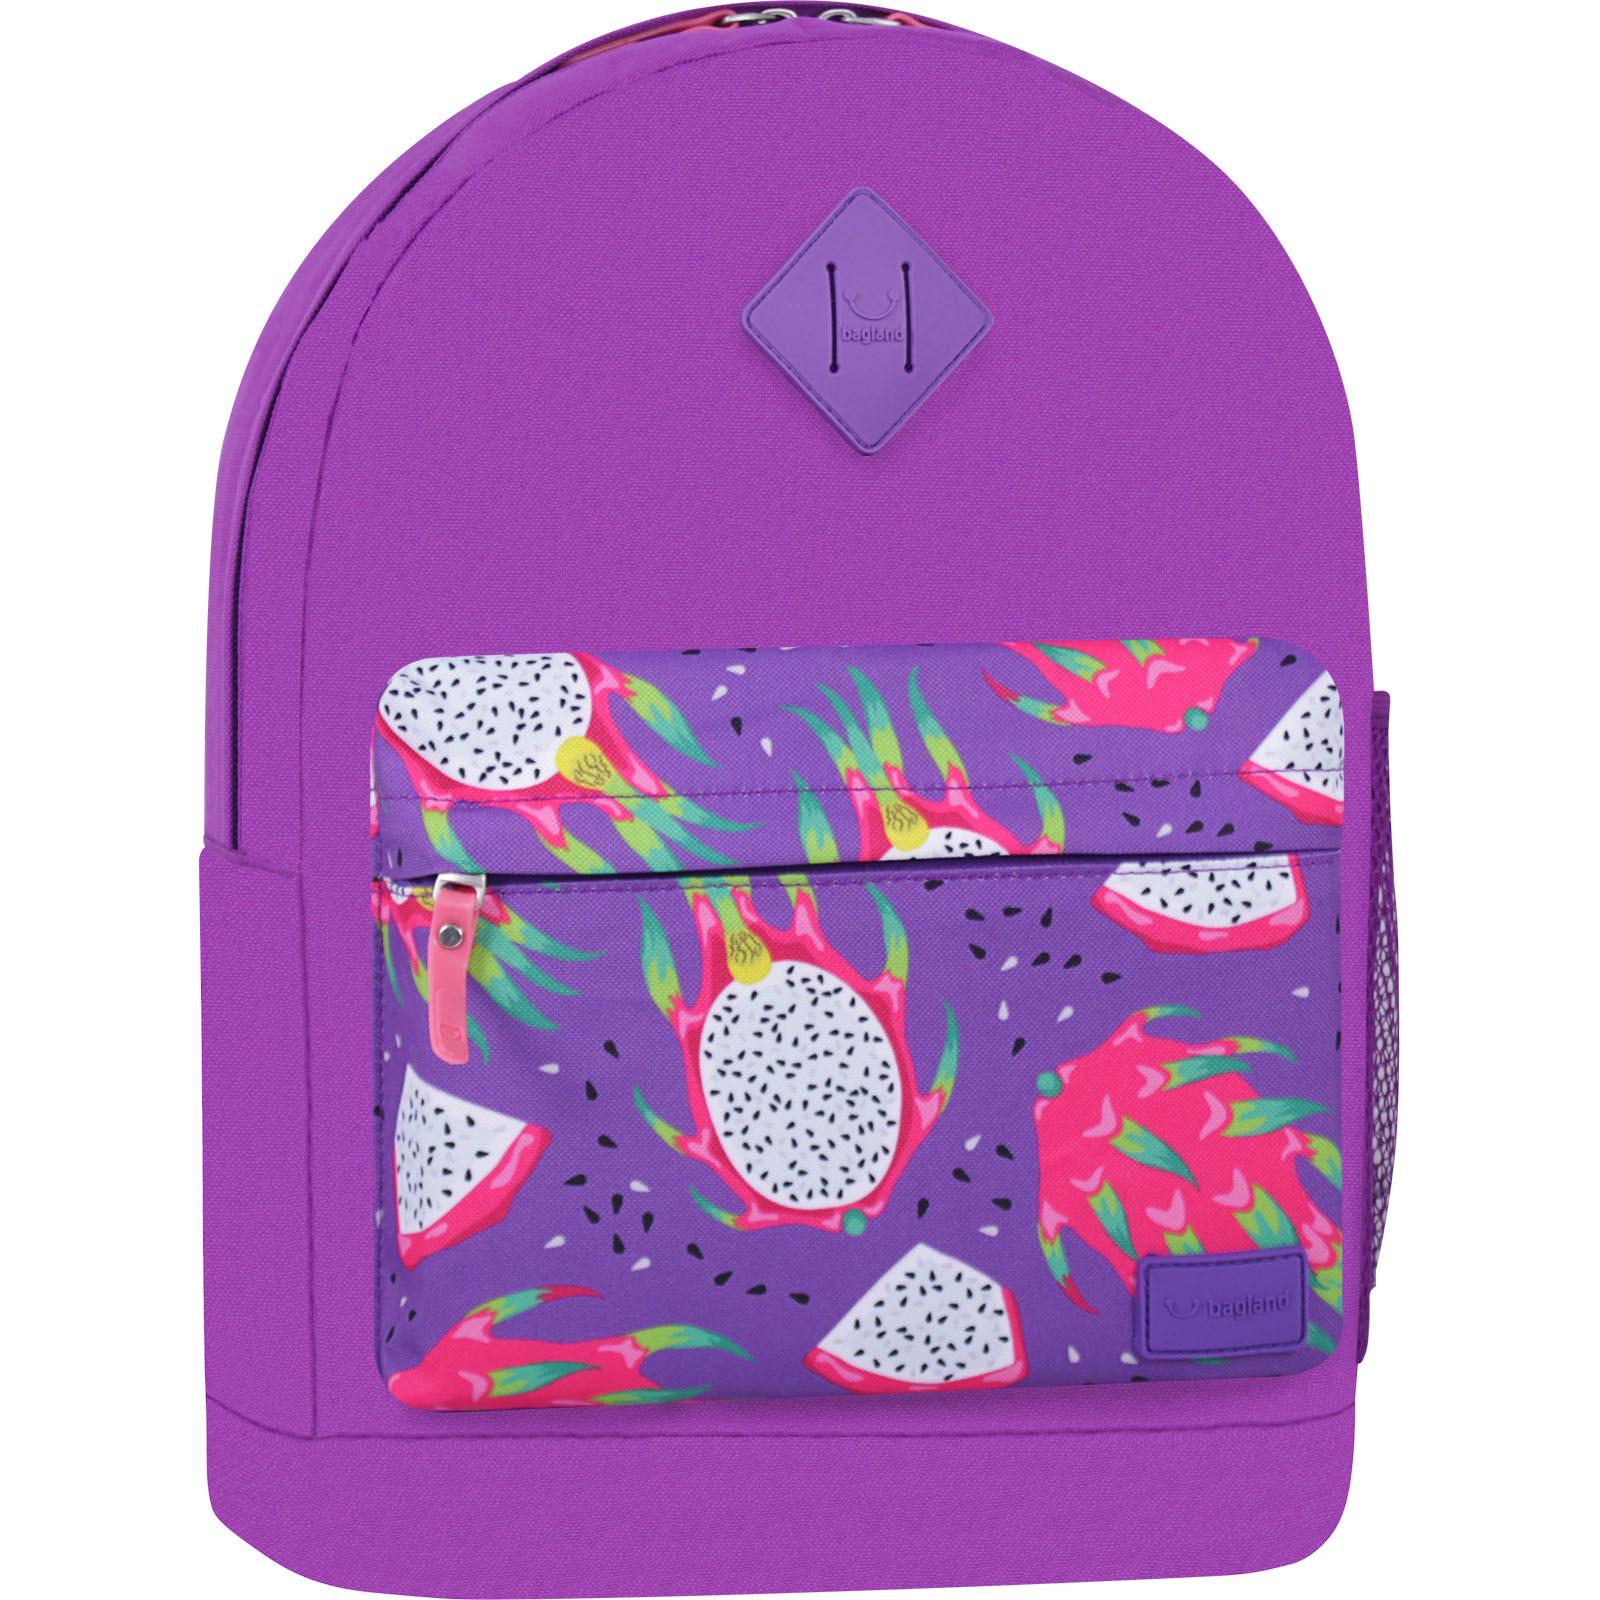 Городские рюкзаки Рюкзак Bagland Молодежный W/R 17 л. 339 Фиолетовый 759 (00533662) IMG_7385_суб759_-1600.jpg